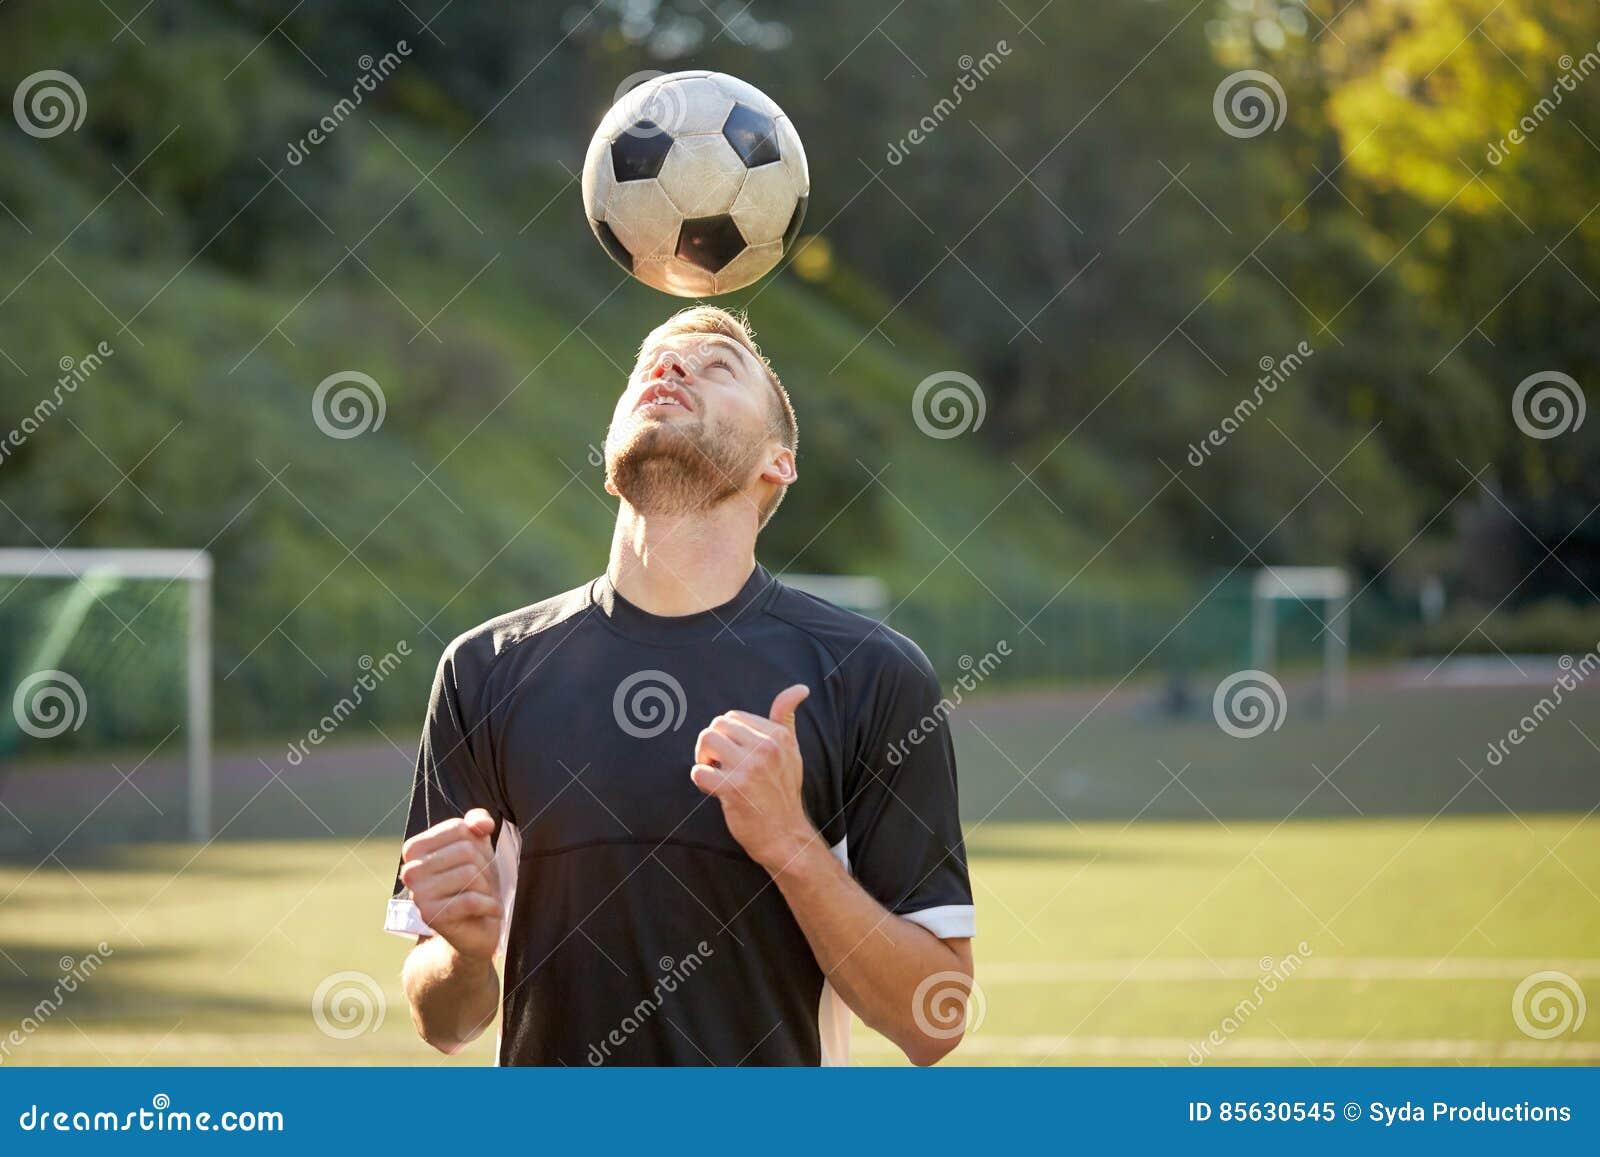 Fotbollspelare som spelar med bollen på fält